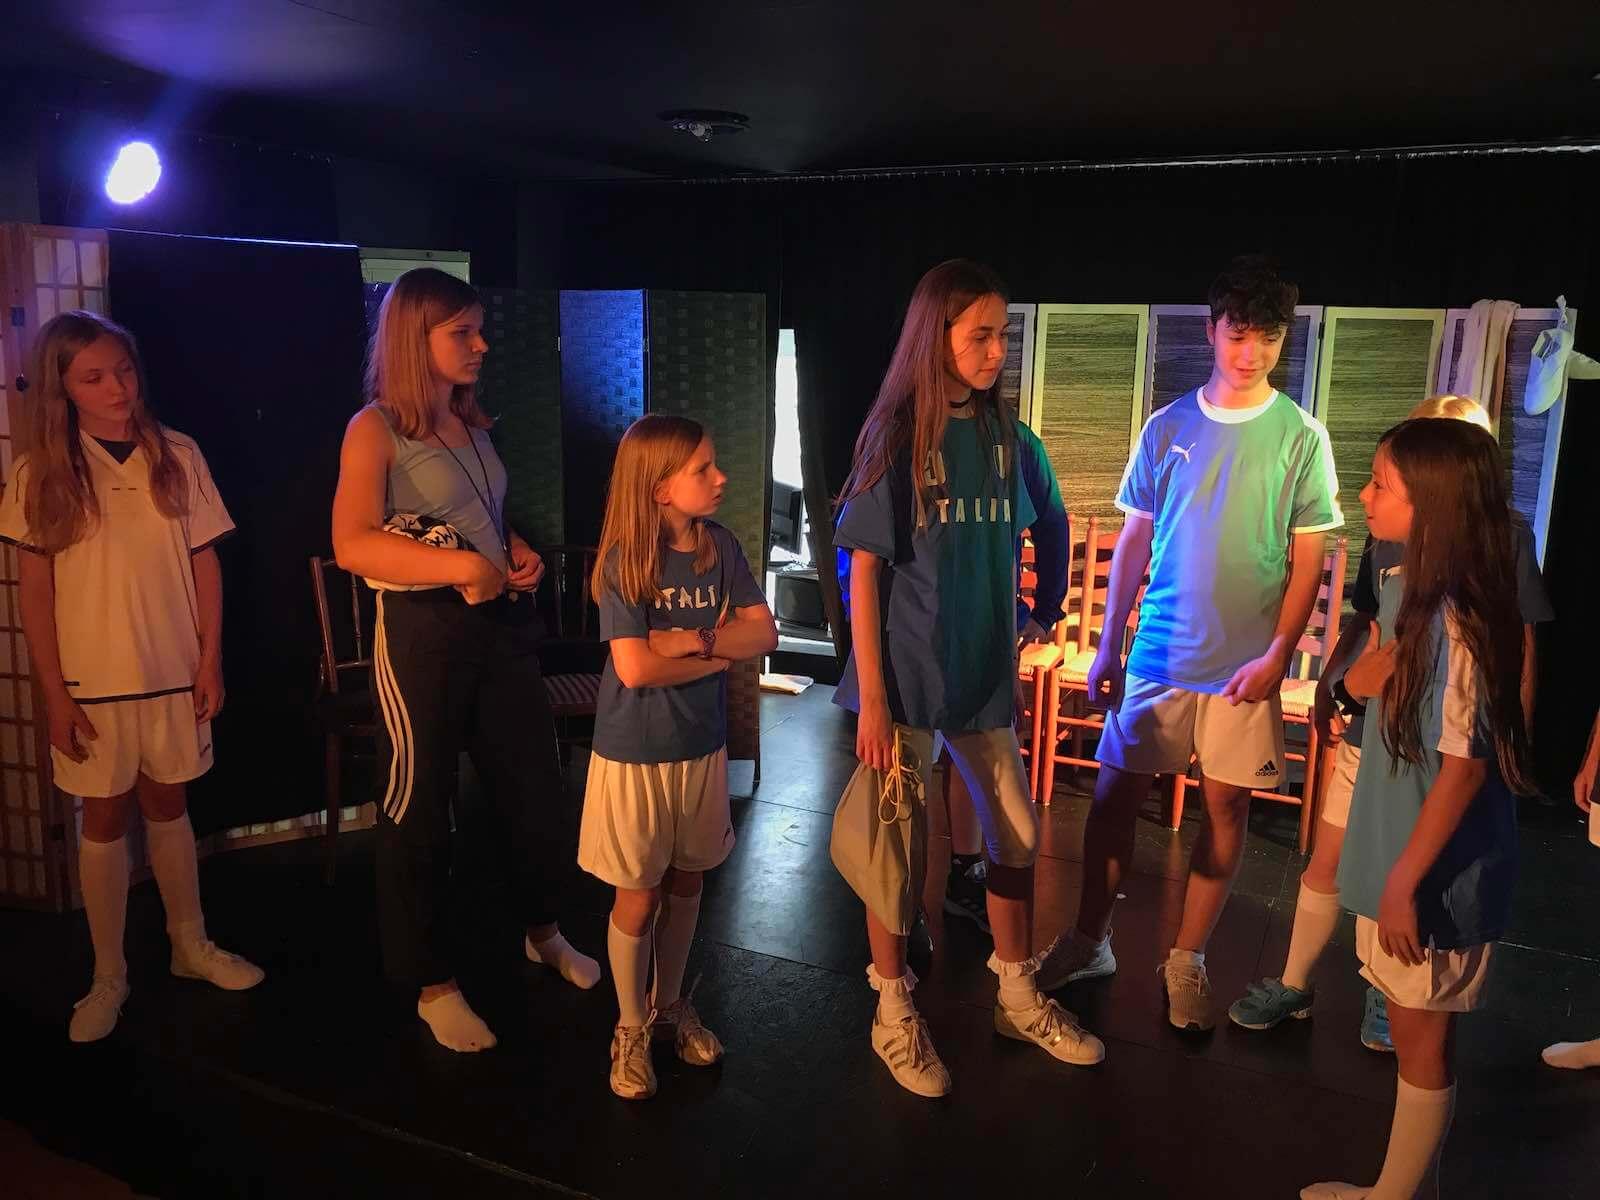 BellAcademia Schauspielschule Köln, Schauspielschule Köln, Schauspielworkshop Köln , Sommerworkshop Köln, Sommerschauspiel Workshop Köln, Sommerferien Schauspielkurs Köln, Worshop 2020, Workshop 2010